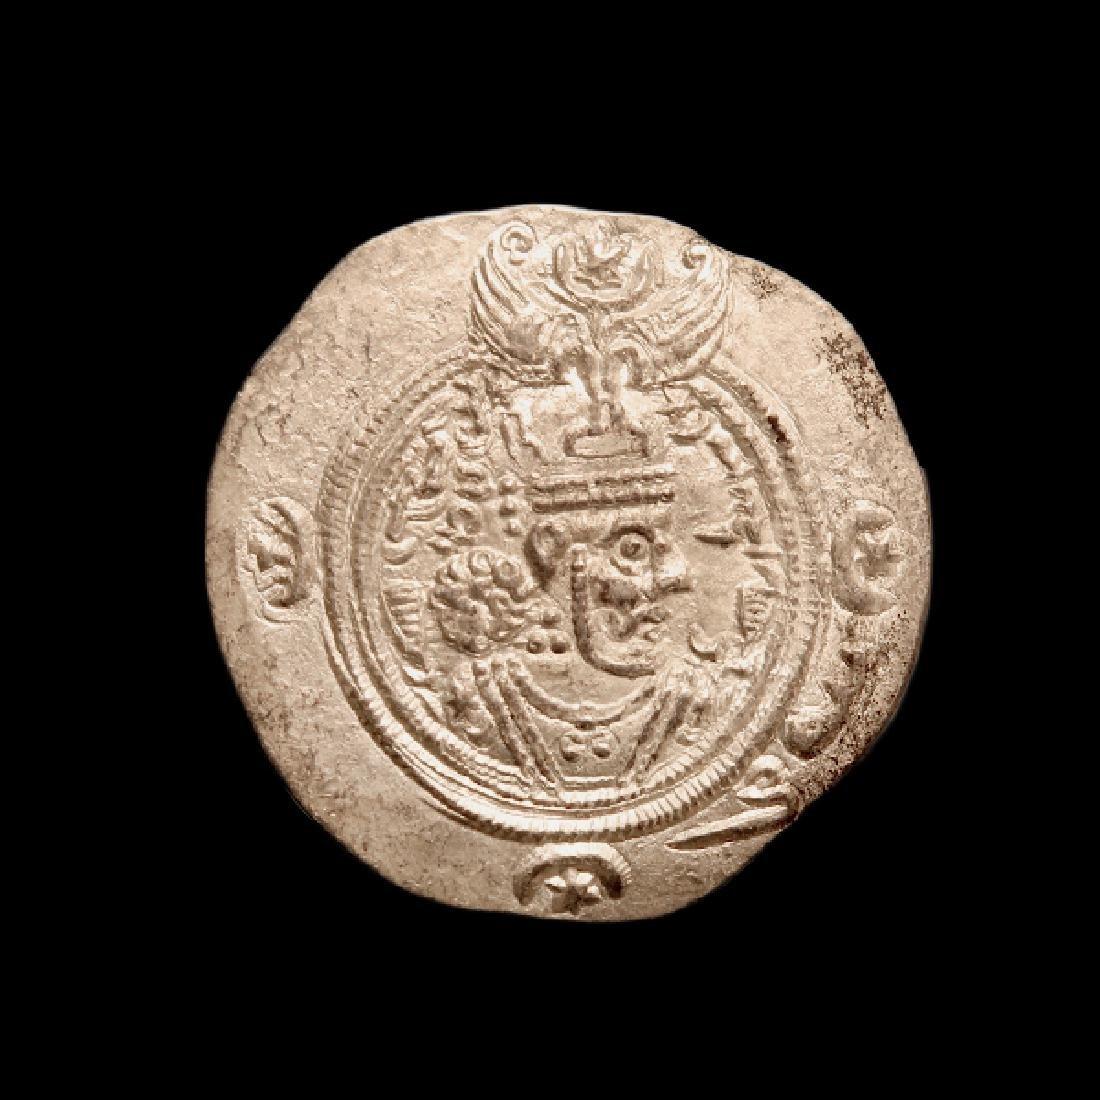 Sassanian Silver Drachm, King Khusro, c. 591-628 A.D. - 2